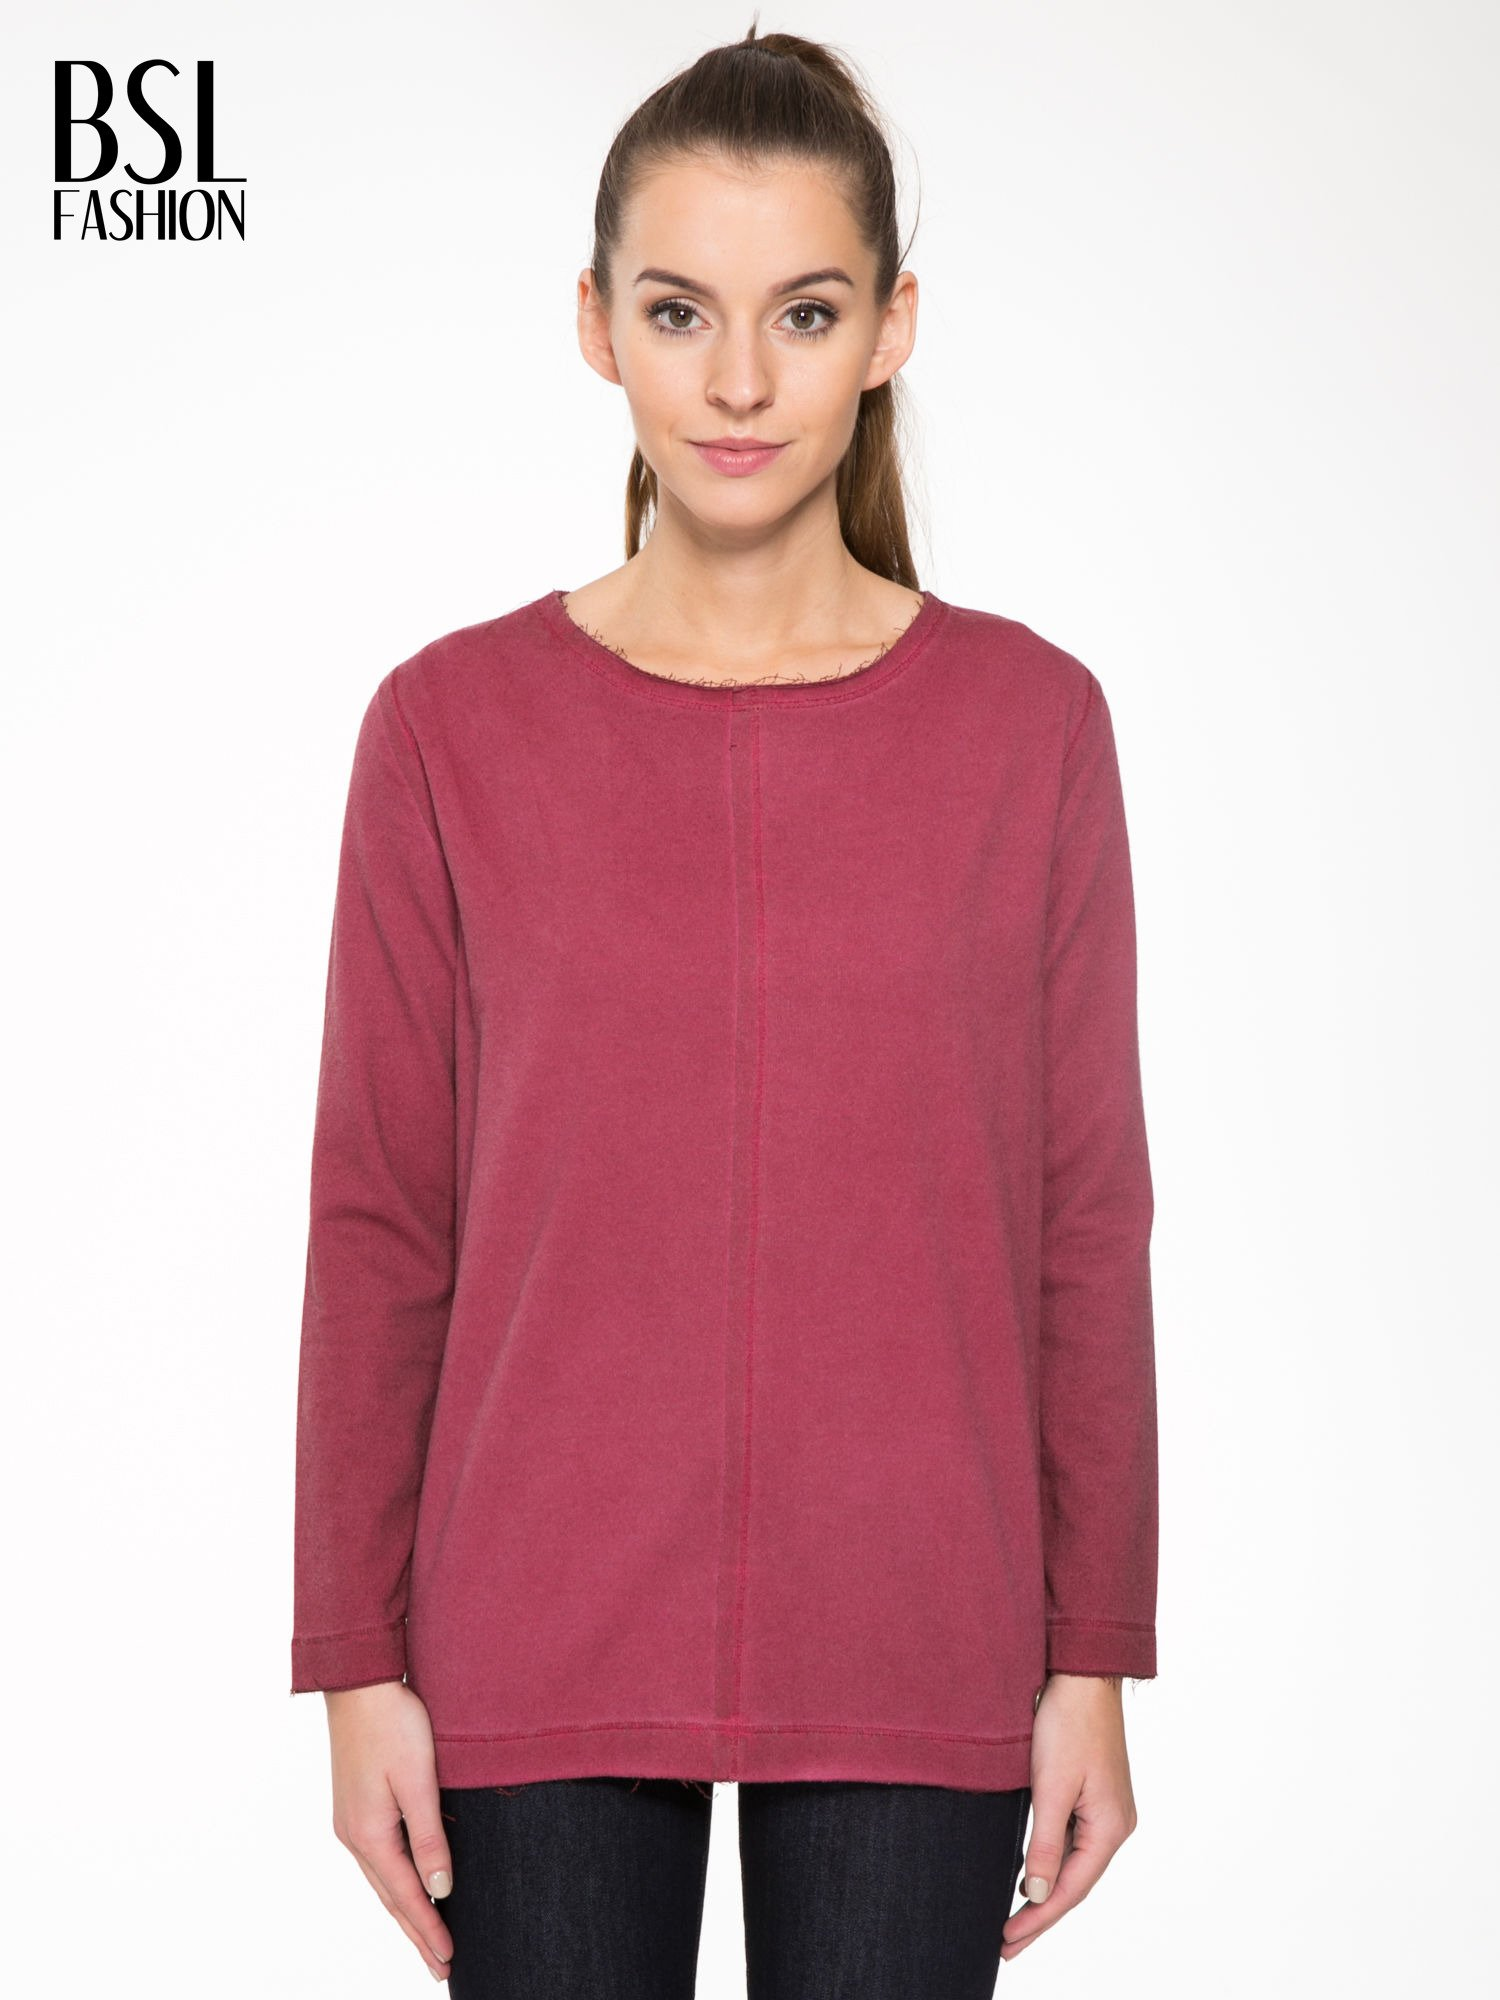 Bordowa bluza z surowym wykończeniem i widocznymi szwami                                  zdj.                                  1